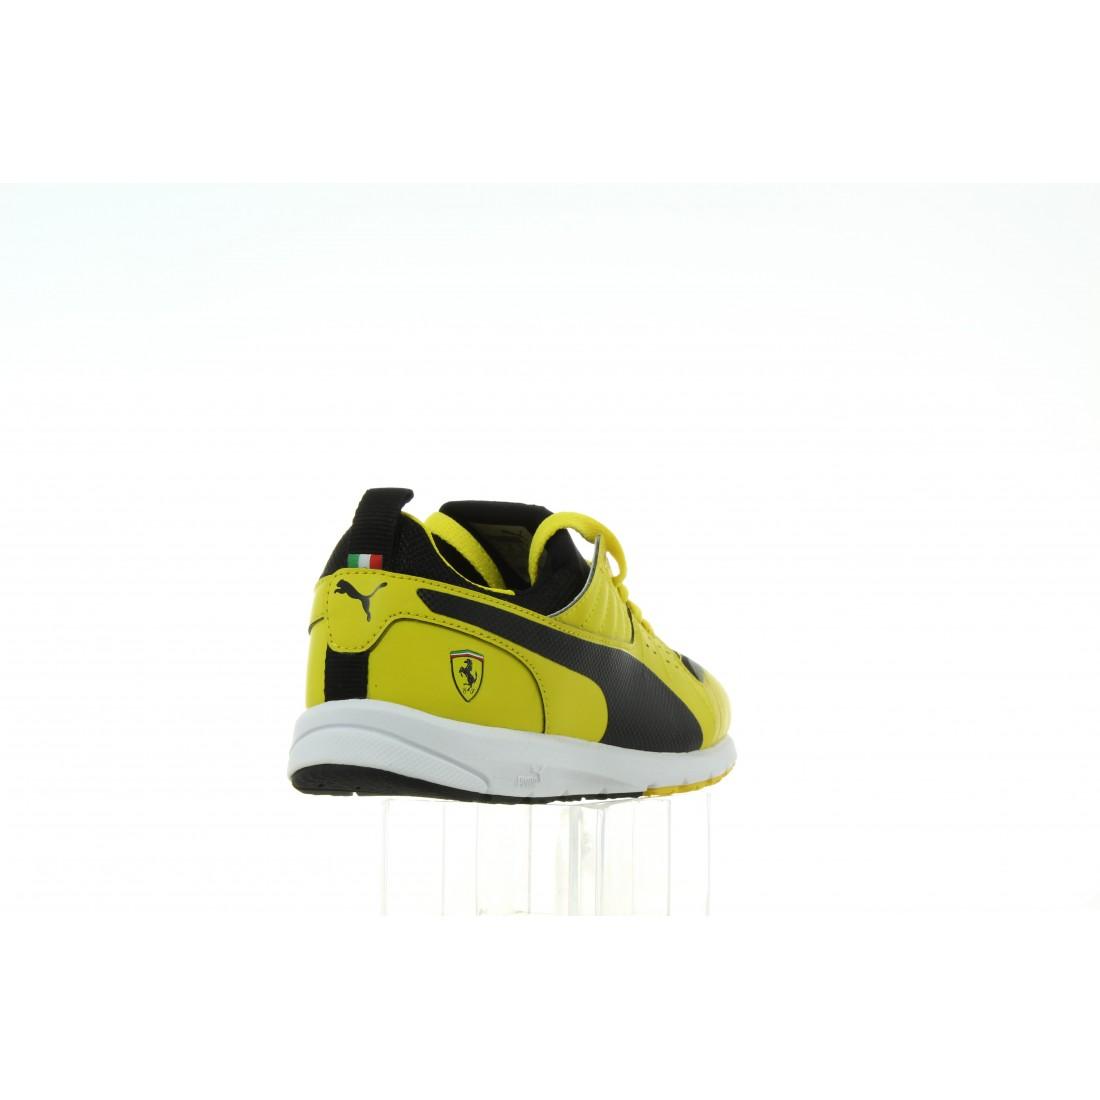 360885 03 Żółty